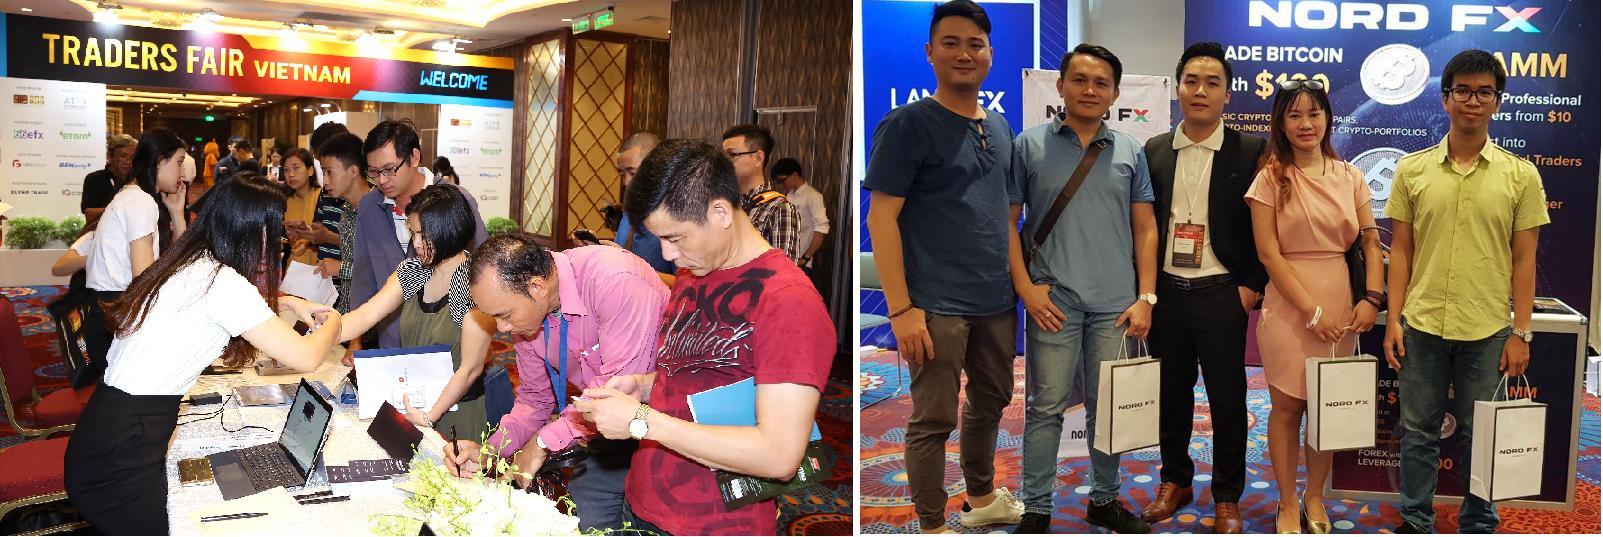 Vietnam News 06.12.2018.